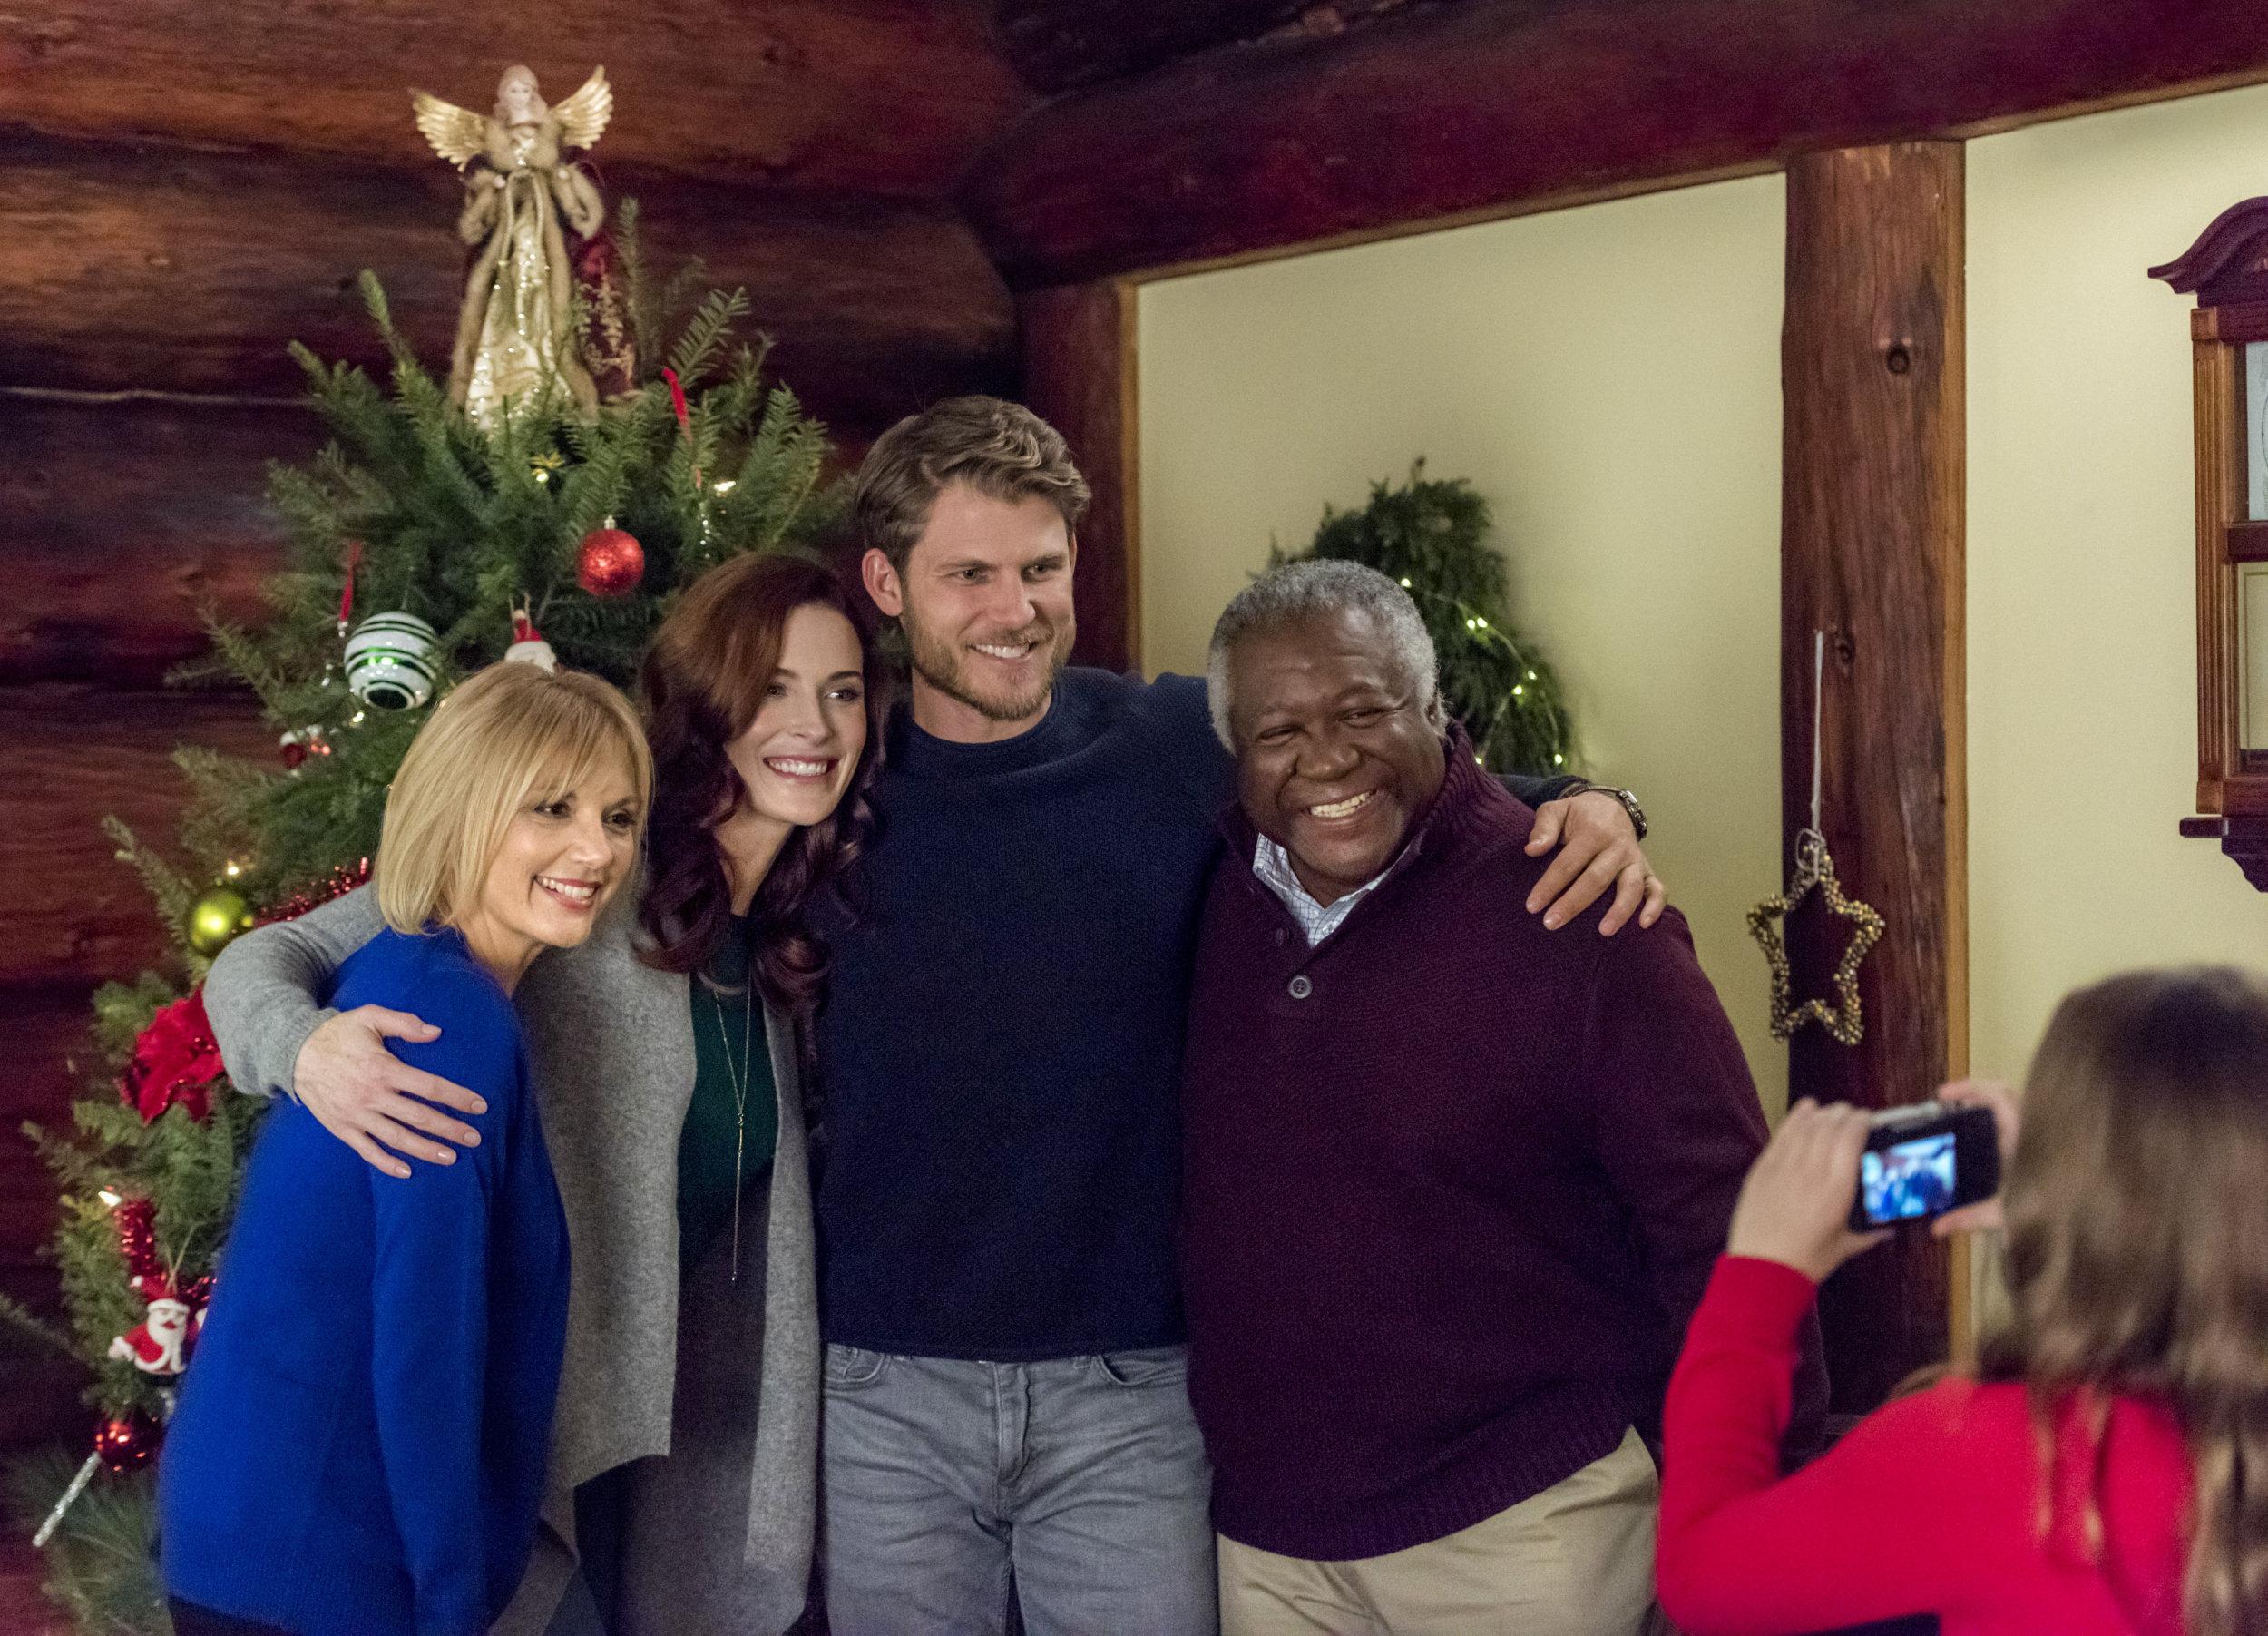 Christmas Getaway - Photos | Christmas Getaway | Hallmark ...